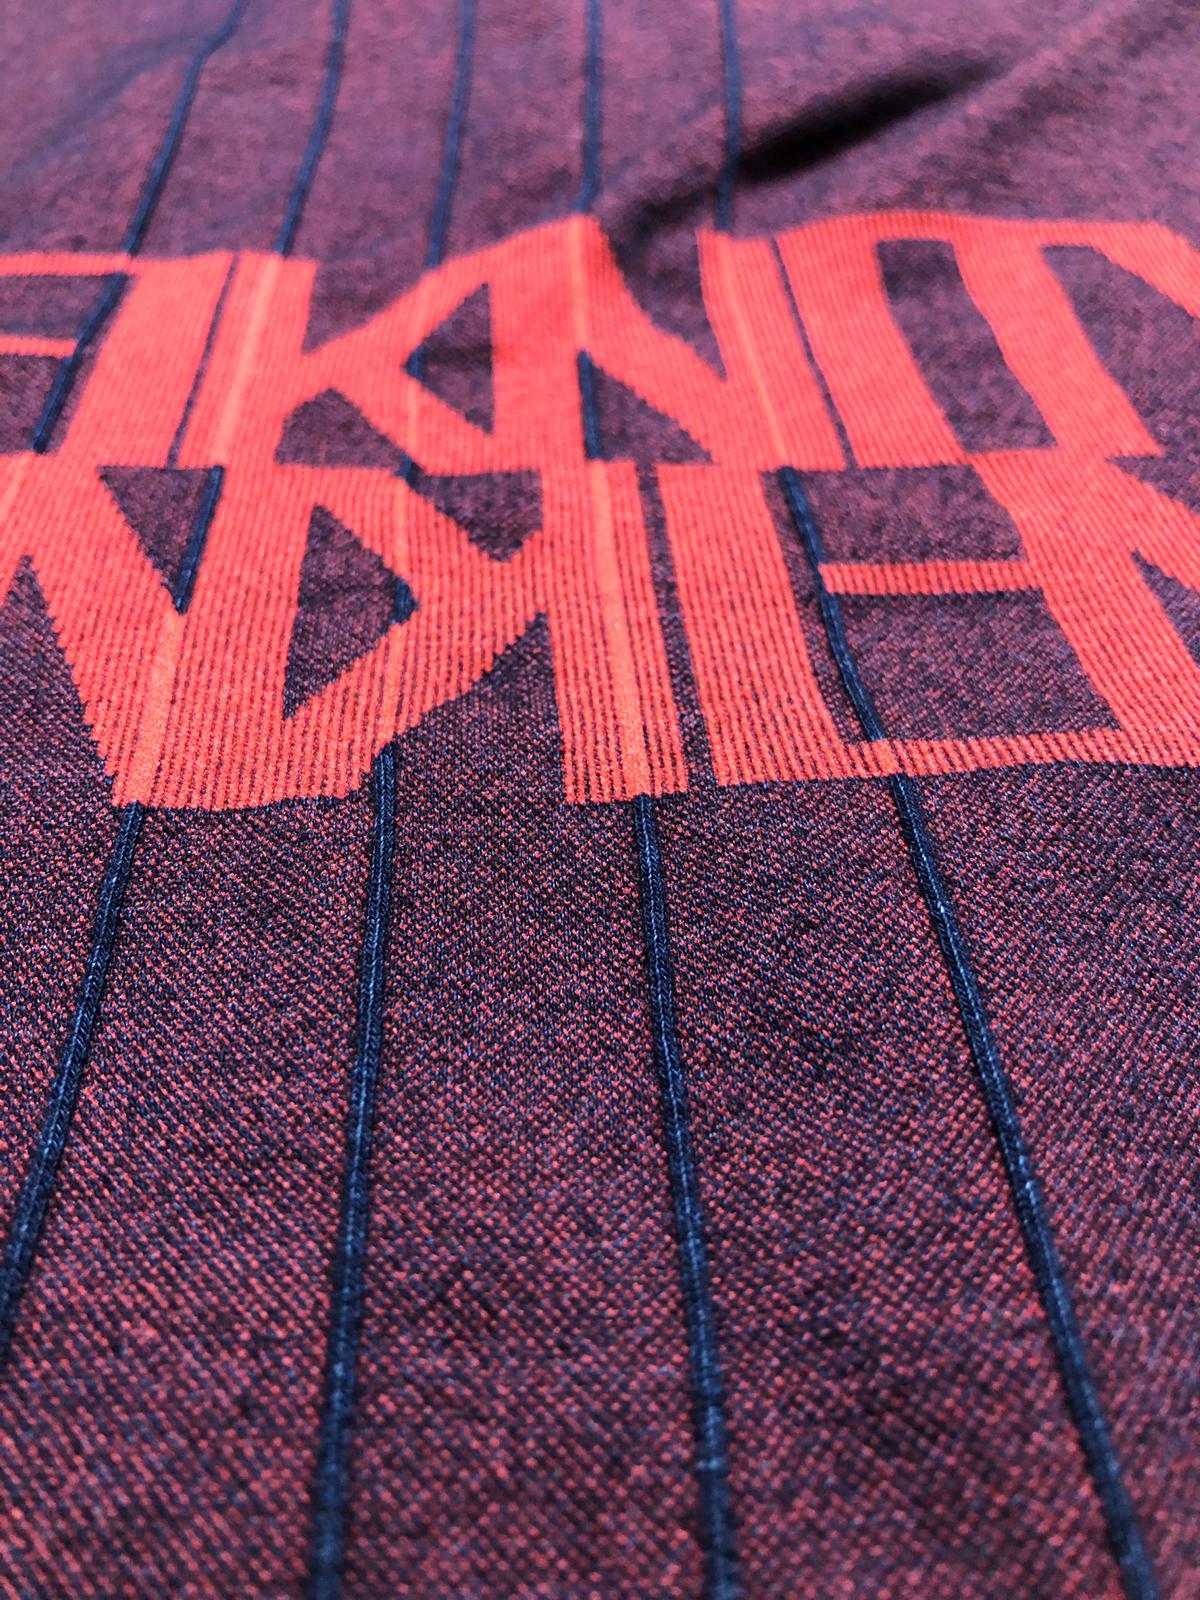 Infiknity indigo knitwear dettaglio interno maglia prototipo